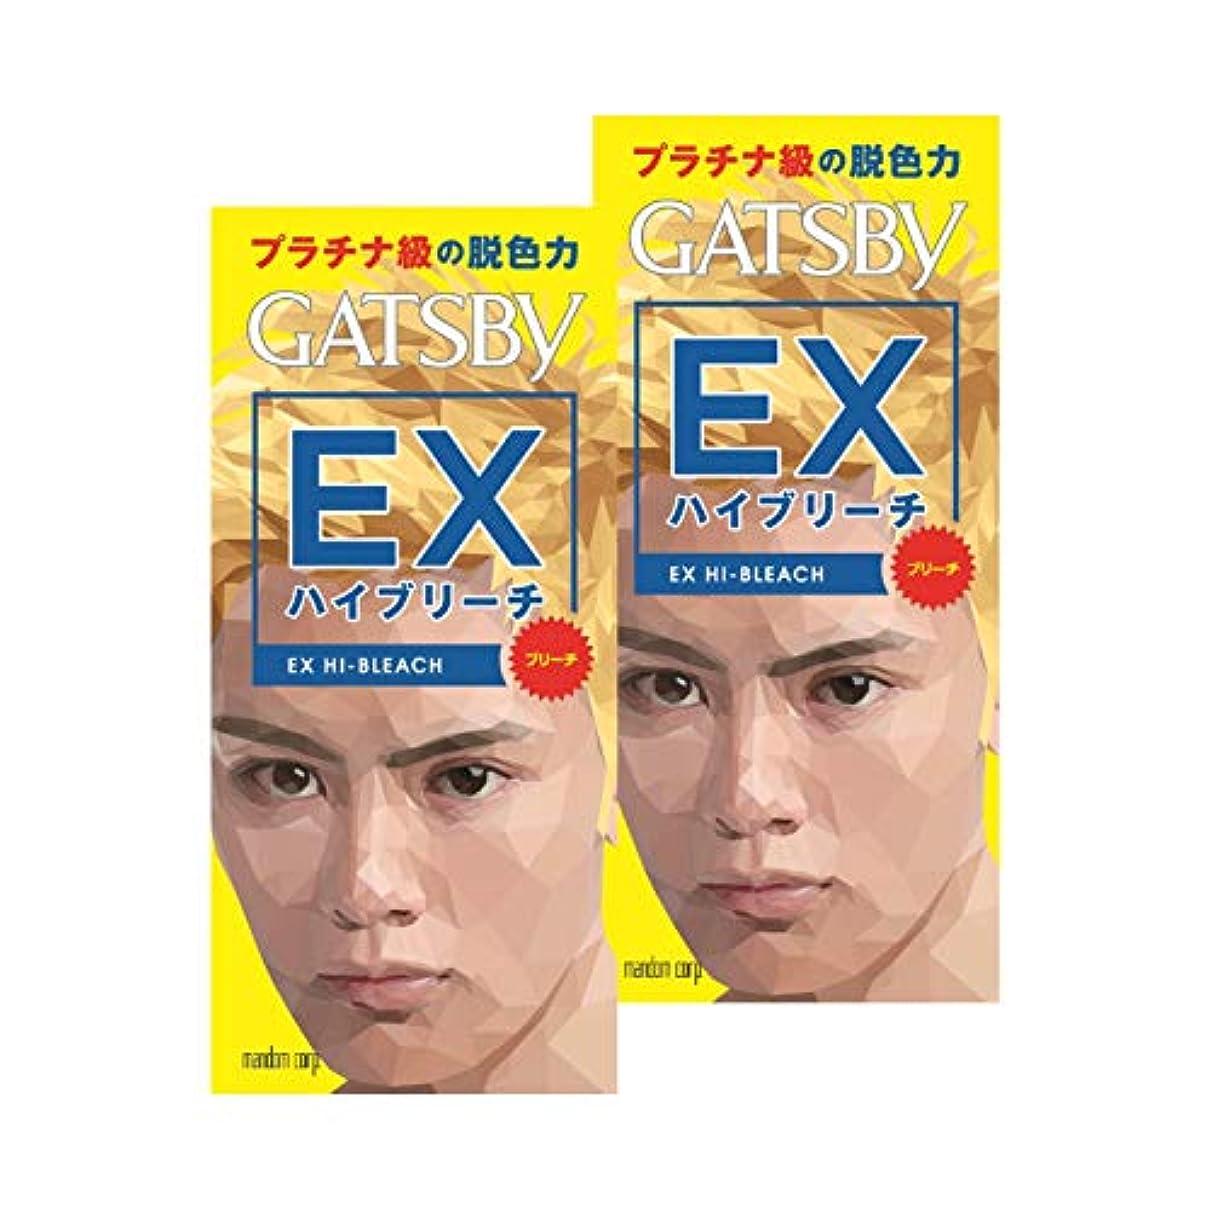 高齢者定期的な信念【まとめ買い】ギャツビー (GATSBY) EXハイブリーチ 2個パック メンズ用 ブリーチ剤 ミディアムヘア約2回分 (医薬部外品)